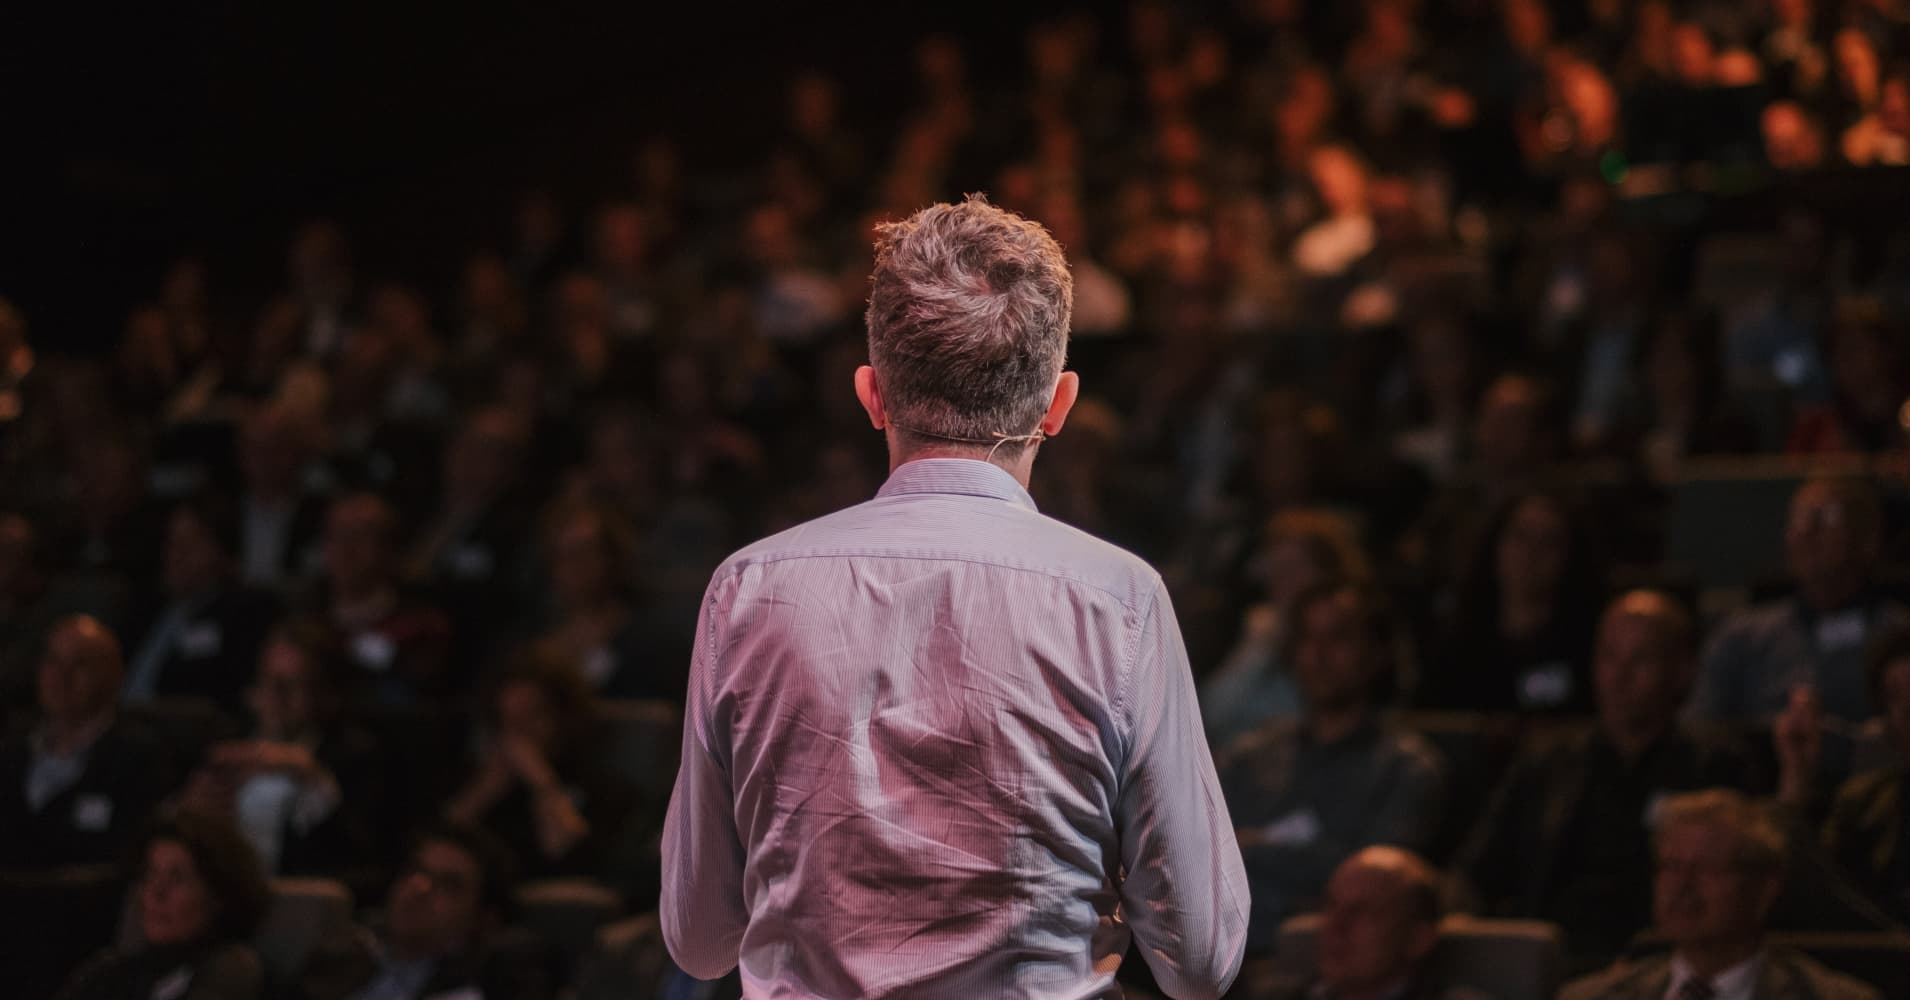 Rear View Of A Male Speaker